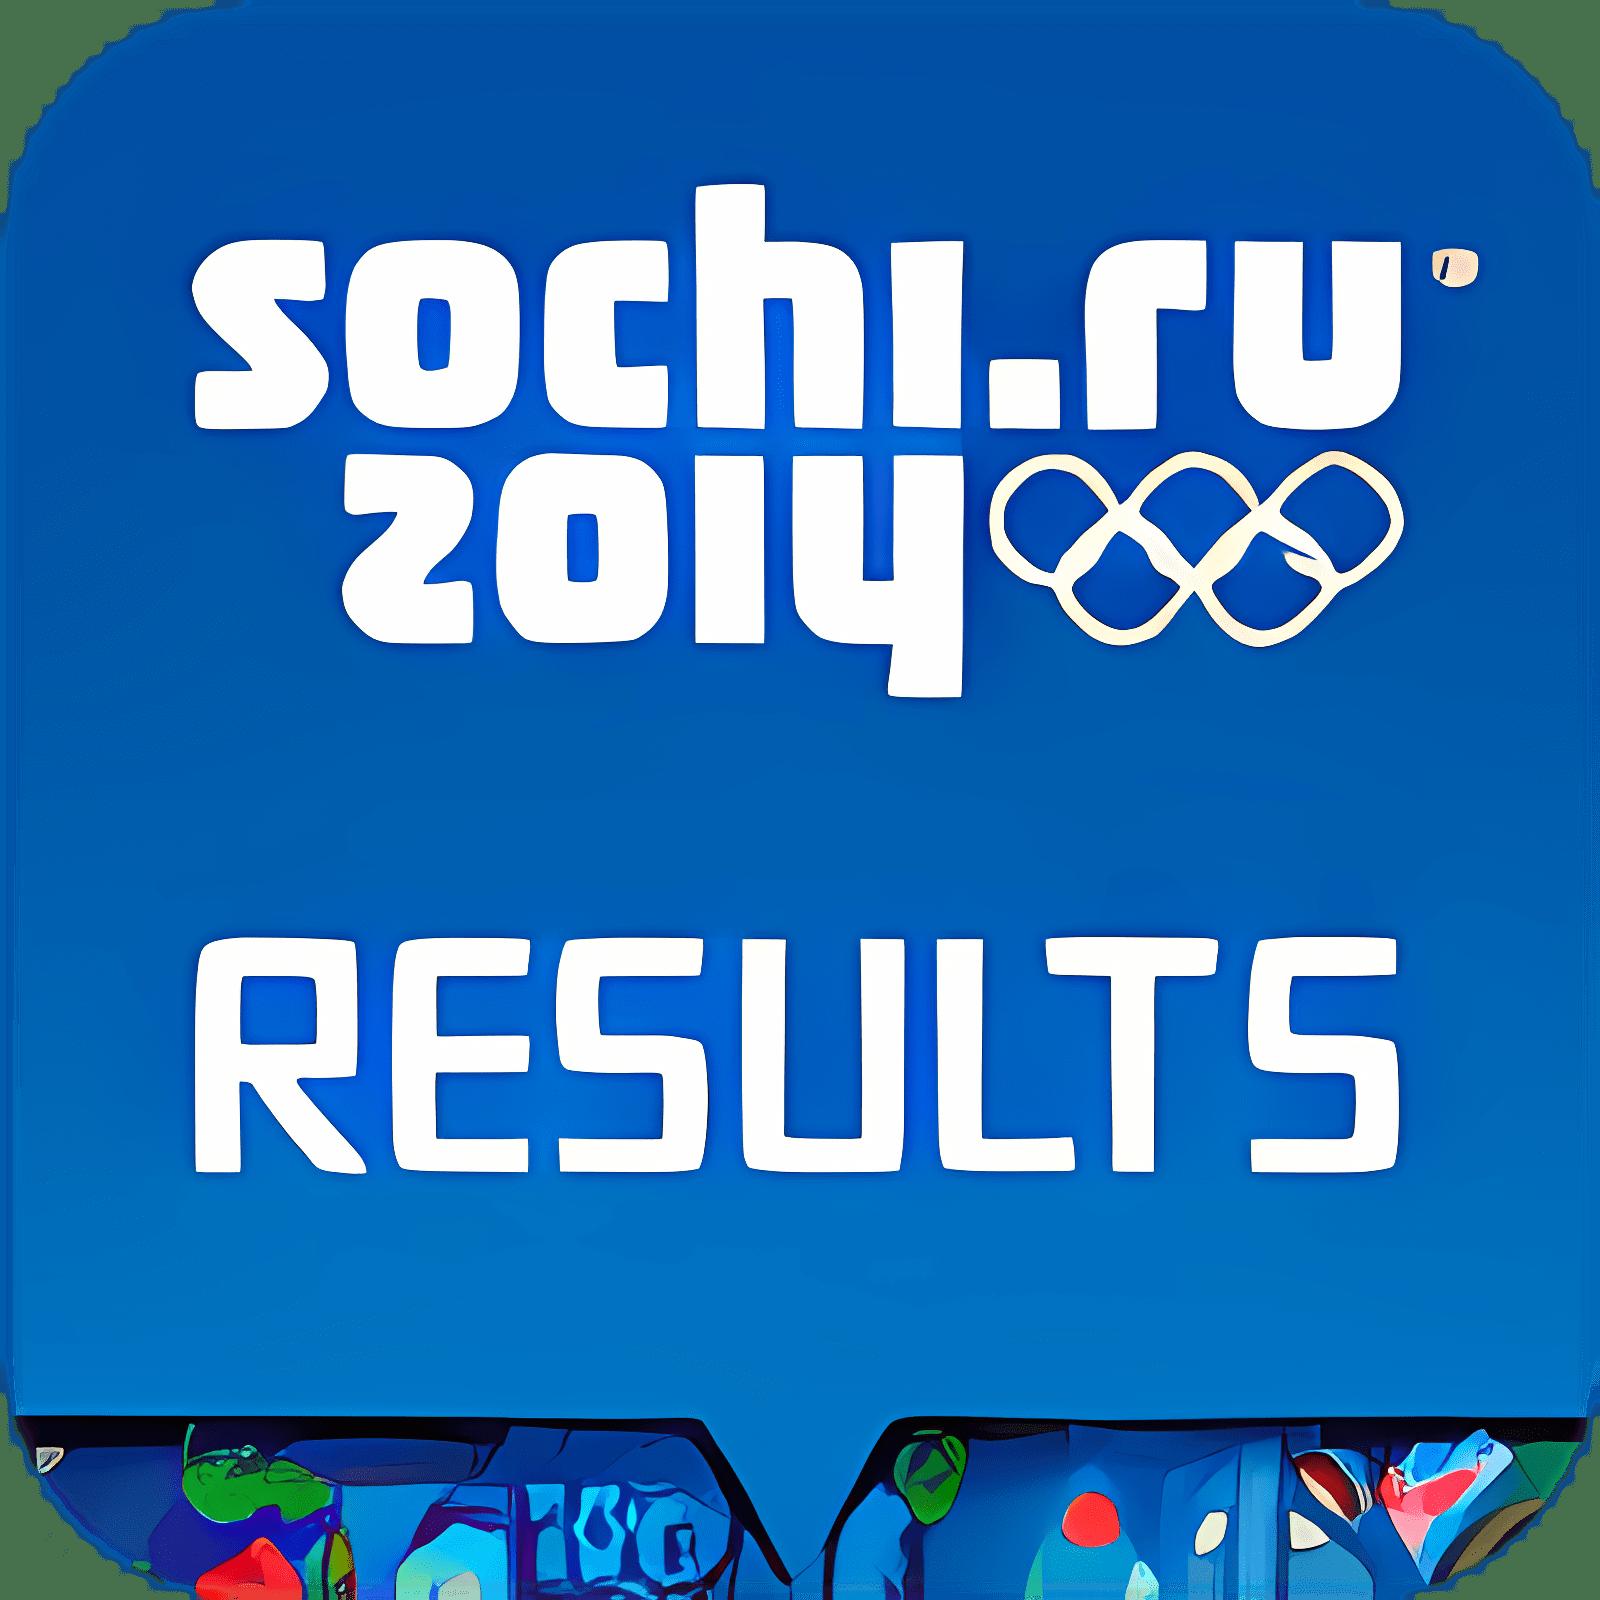 Resultados de Sochi 2014